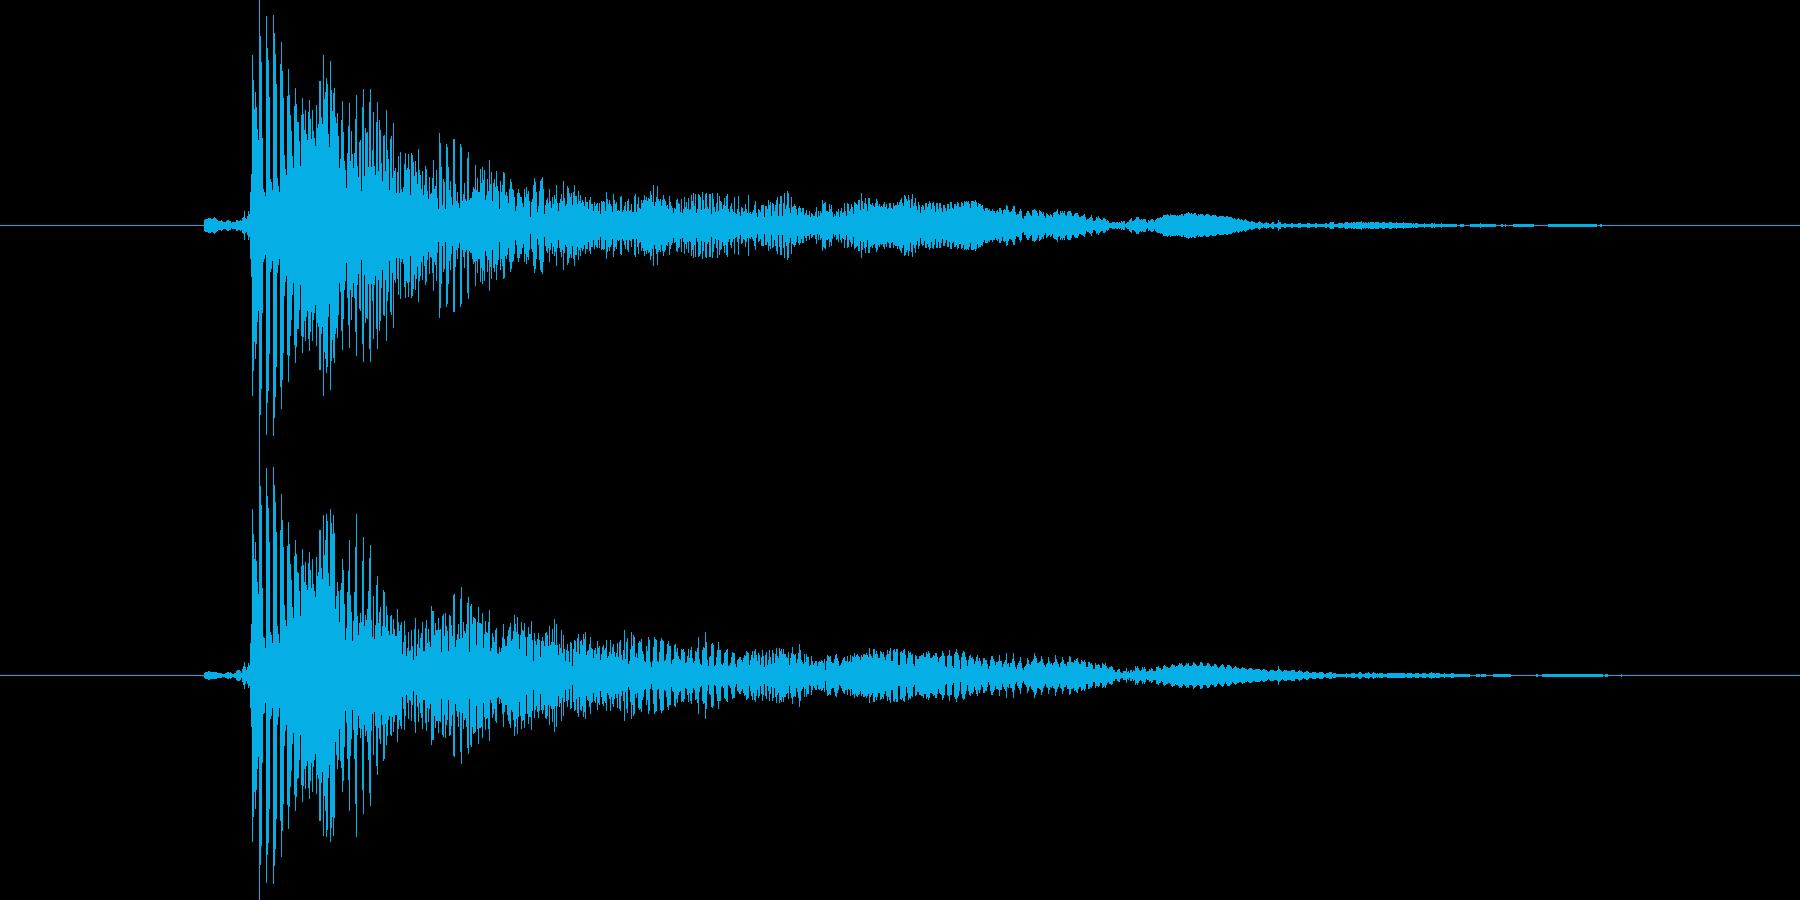 口琴1 ぼよ~ん コントの再生済みの波形